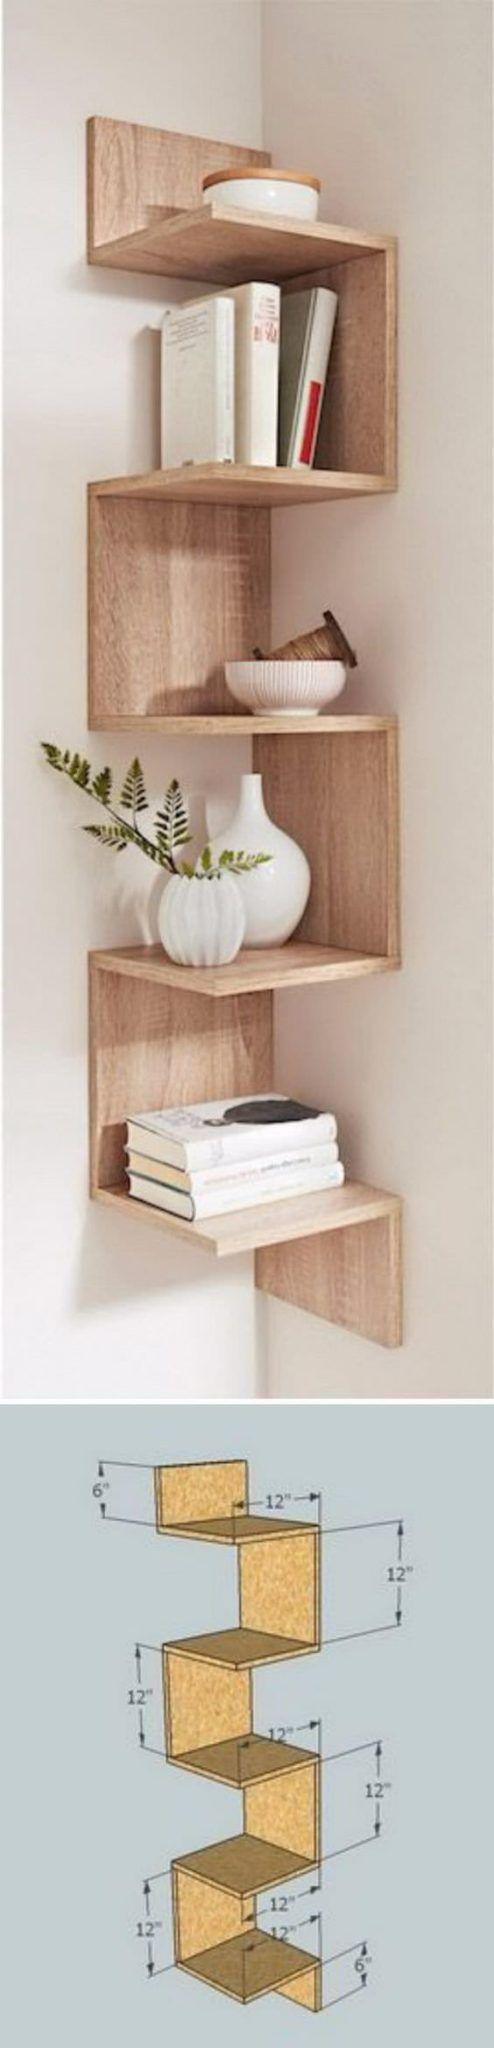 10 ideas f ciles y creativas para decorar la casa ideas for Casa paulina muebles y decoracion